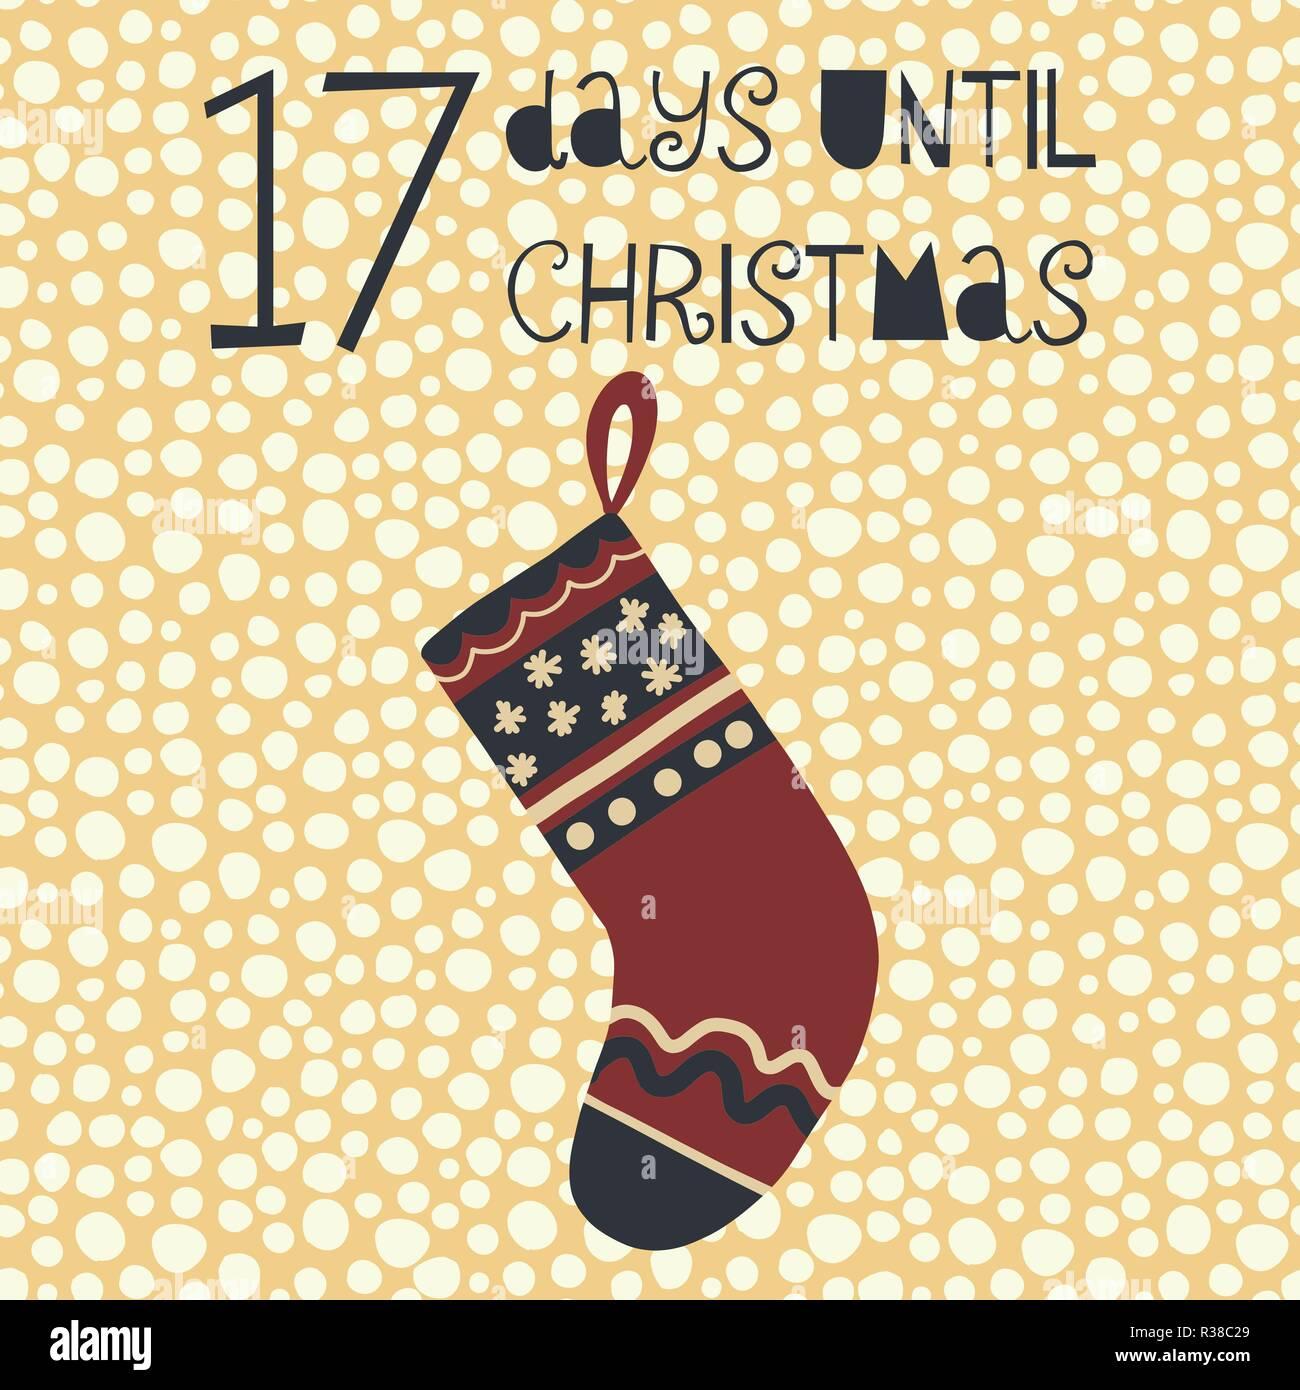 Tage Bis Weihnachten.17 Tage Bis Weihnachten Vector Illustration Christmas Countdown 17